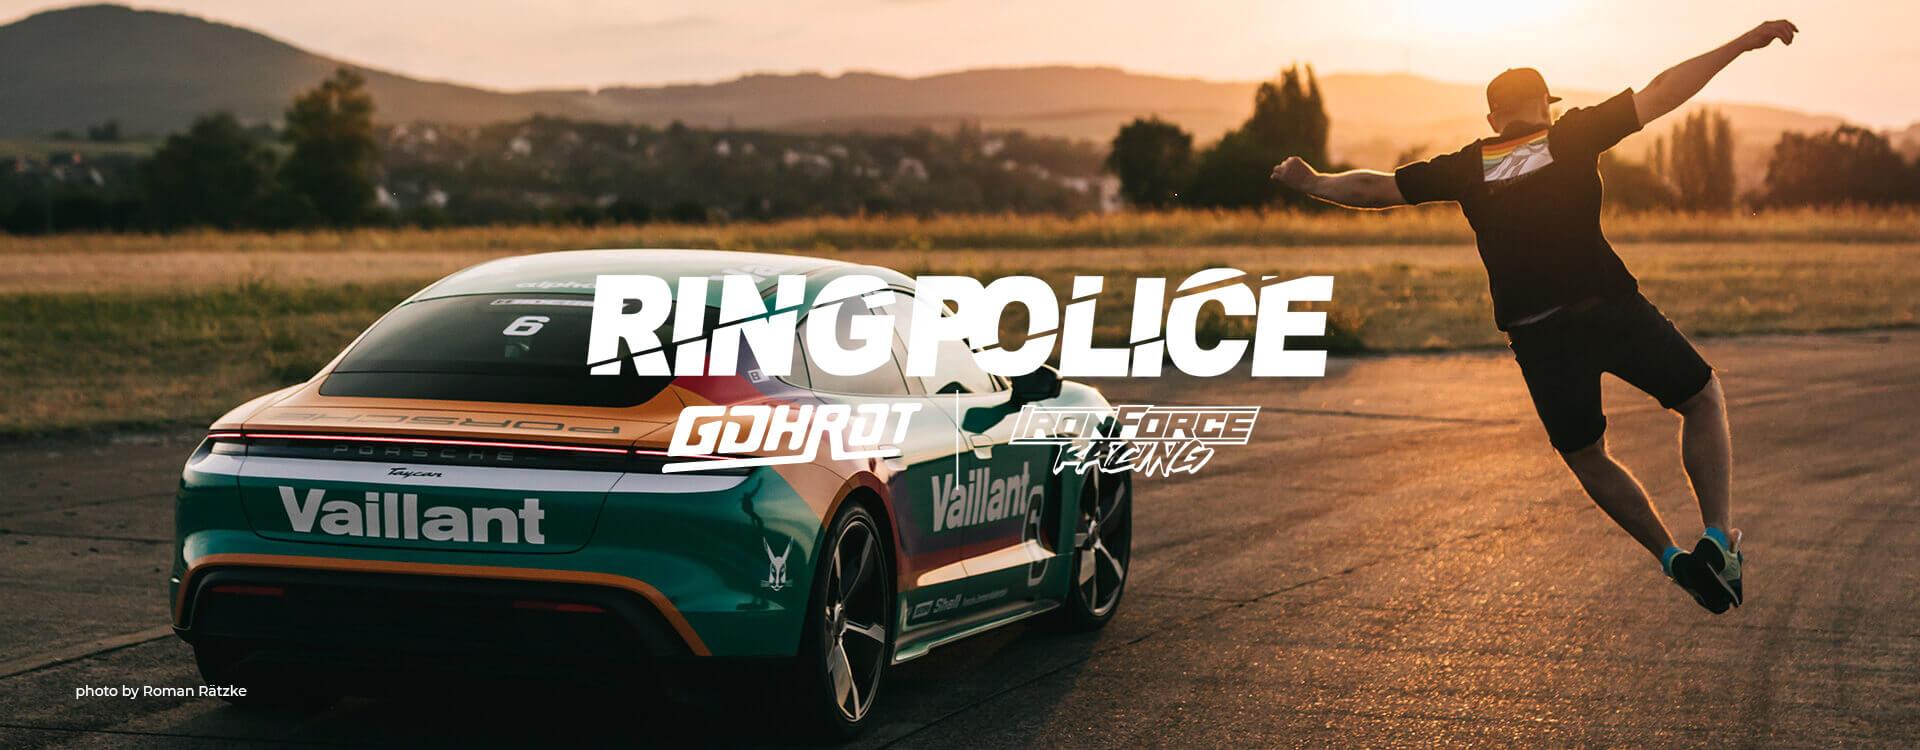 Layout und Logo der E-Commerce-Agentur: BS-Style GmbH. Darstellung des Rennfahrers des IronForce Racing Teams.